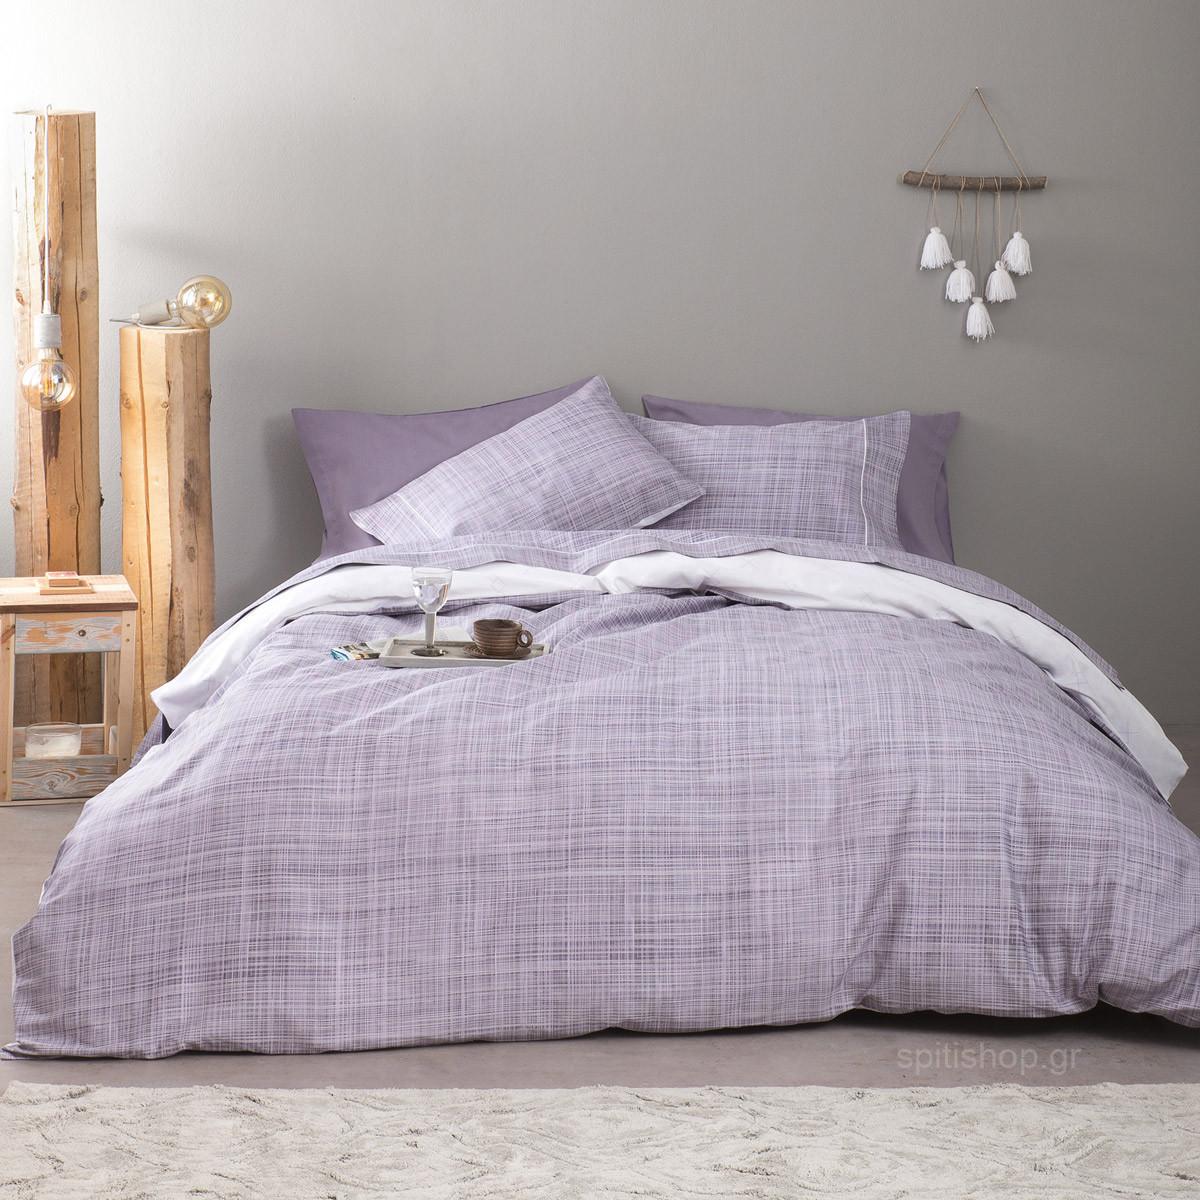 Σεντόνια Υπέρδιπλα (Σετ) Nima Bed Linen Pure Lilac